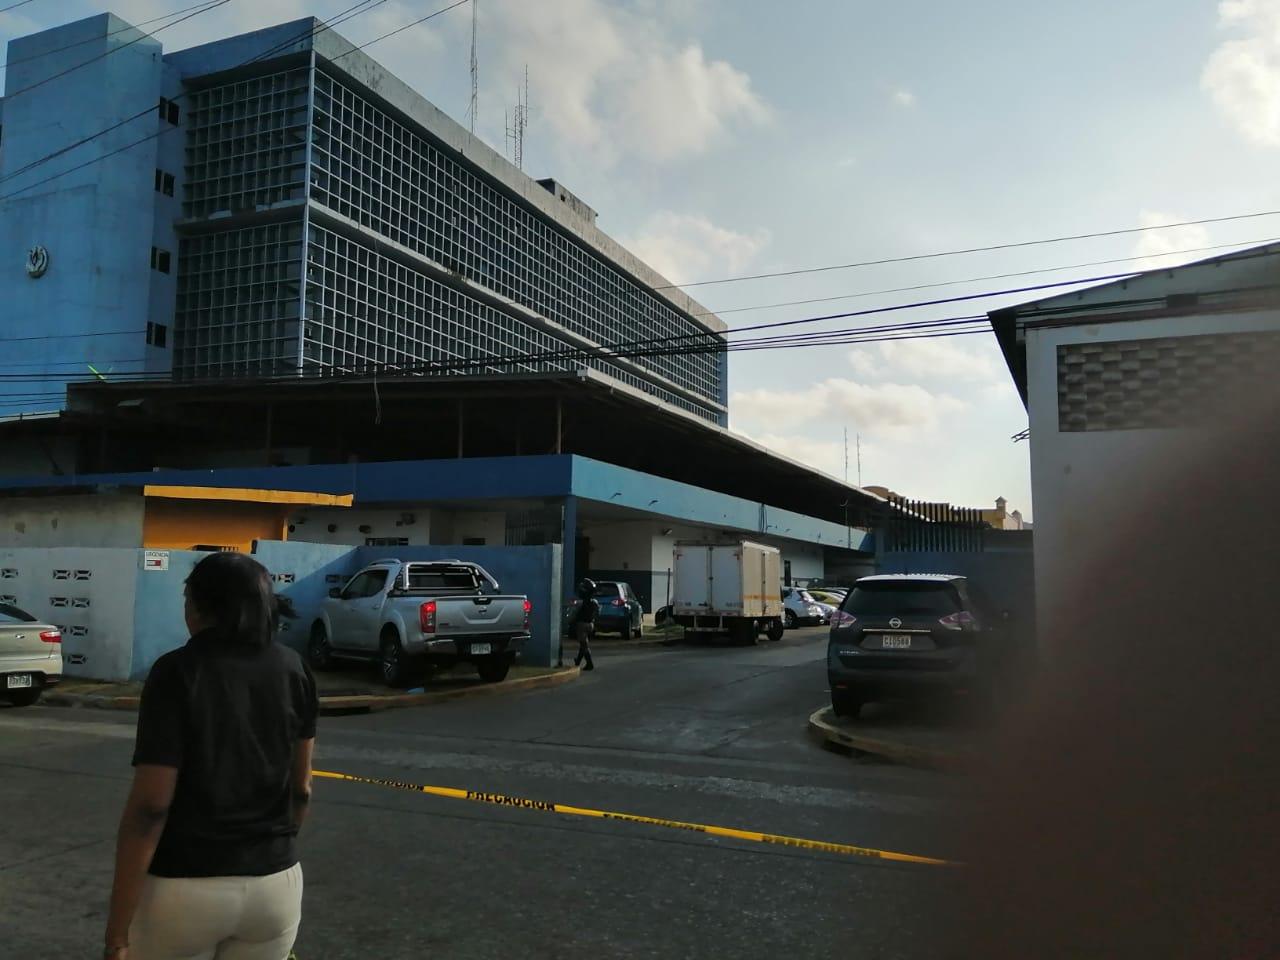 Hieren a  una persona en el estacionamiento del Hospital Manuel Amador Guerrero